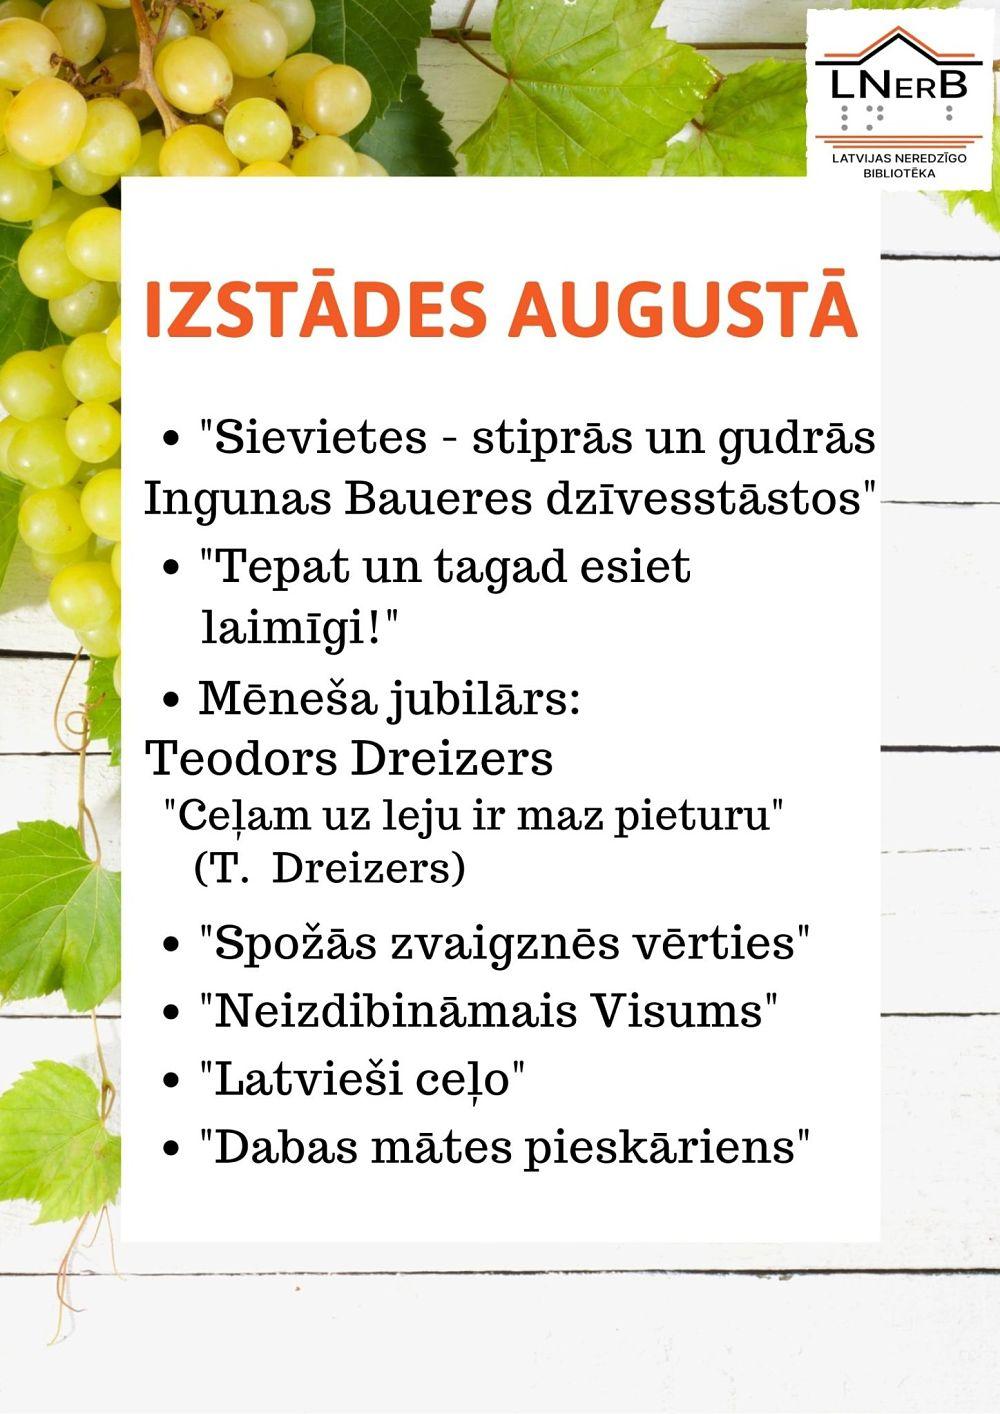 Plakāts izstādes augustā Rīgā